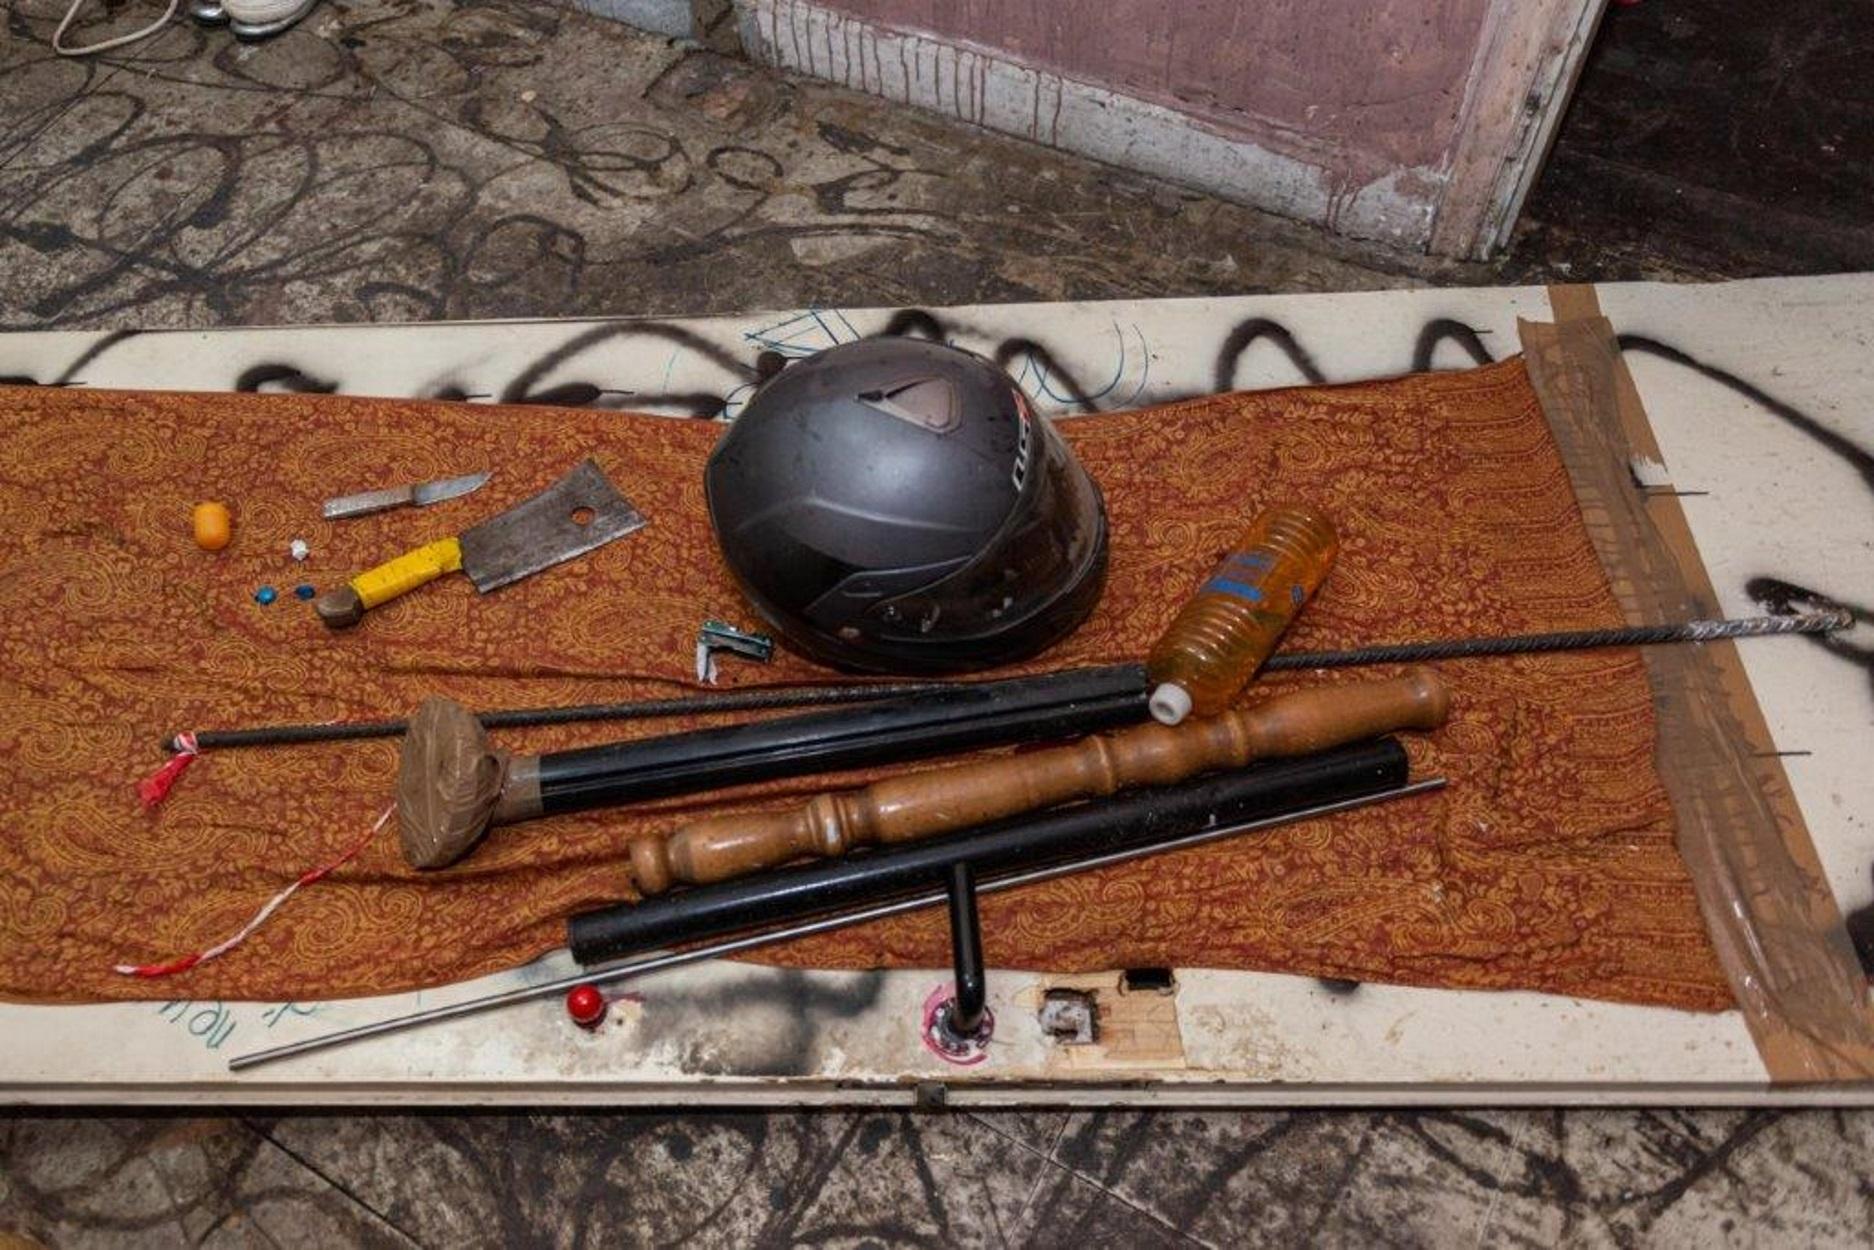 Εξάρχεια: Τι βρήκαν οι αστυνομικοί στην επιχείρηση εκκένωσης κτιρίου (pics)